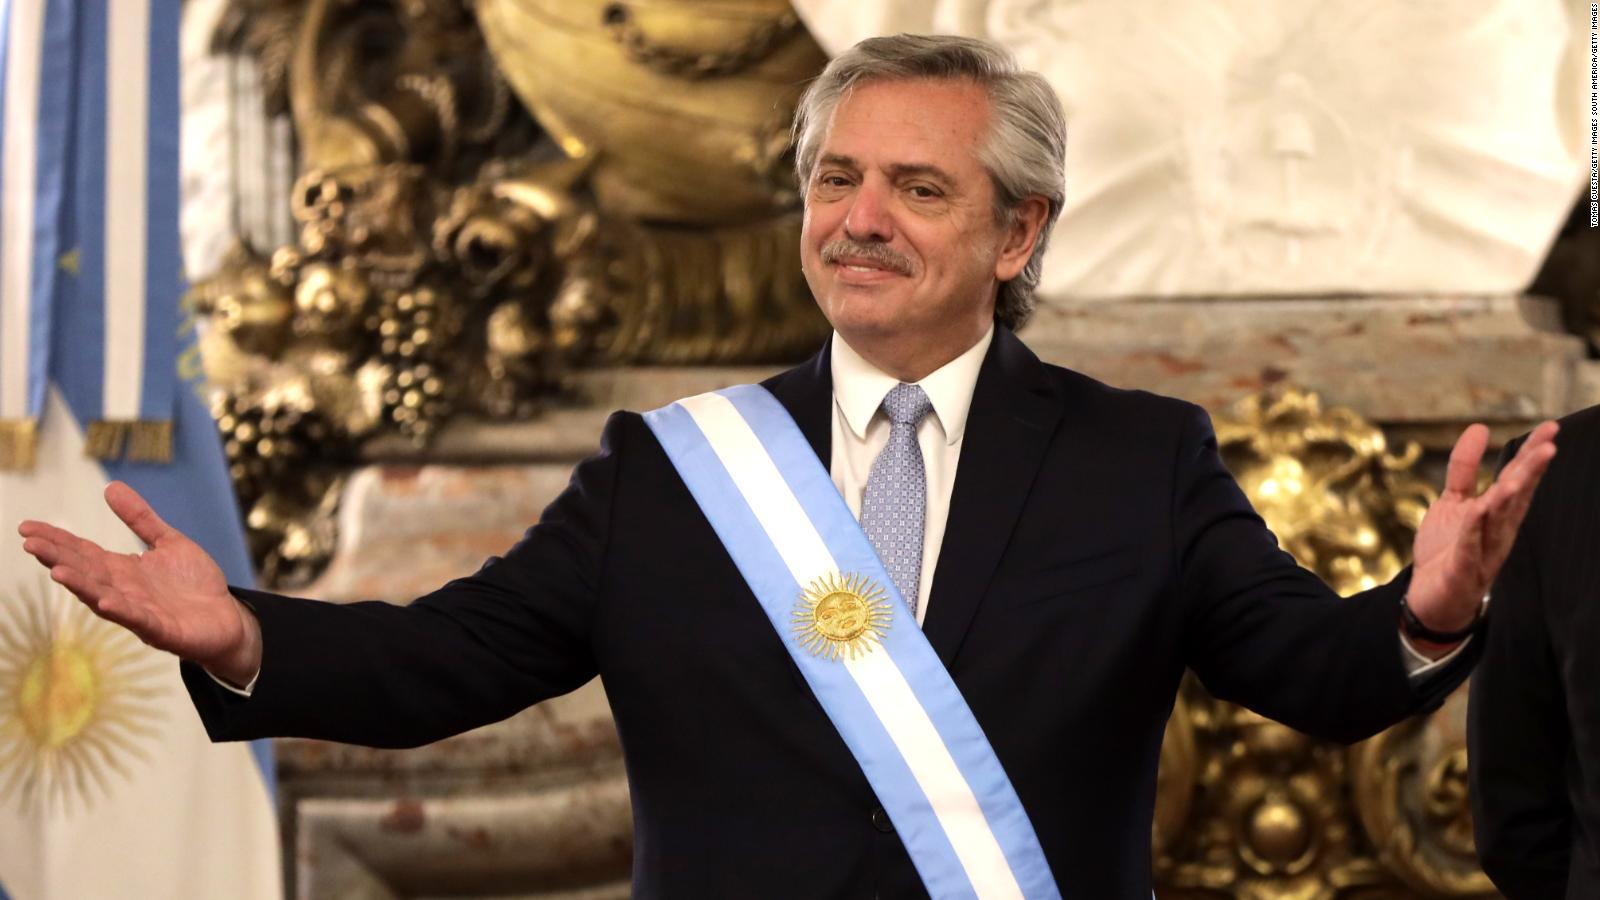 Primera semana de gobierno de Alberto Fernández